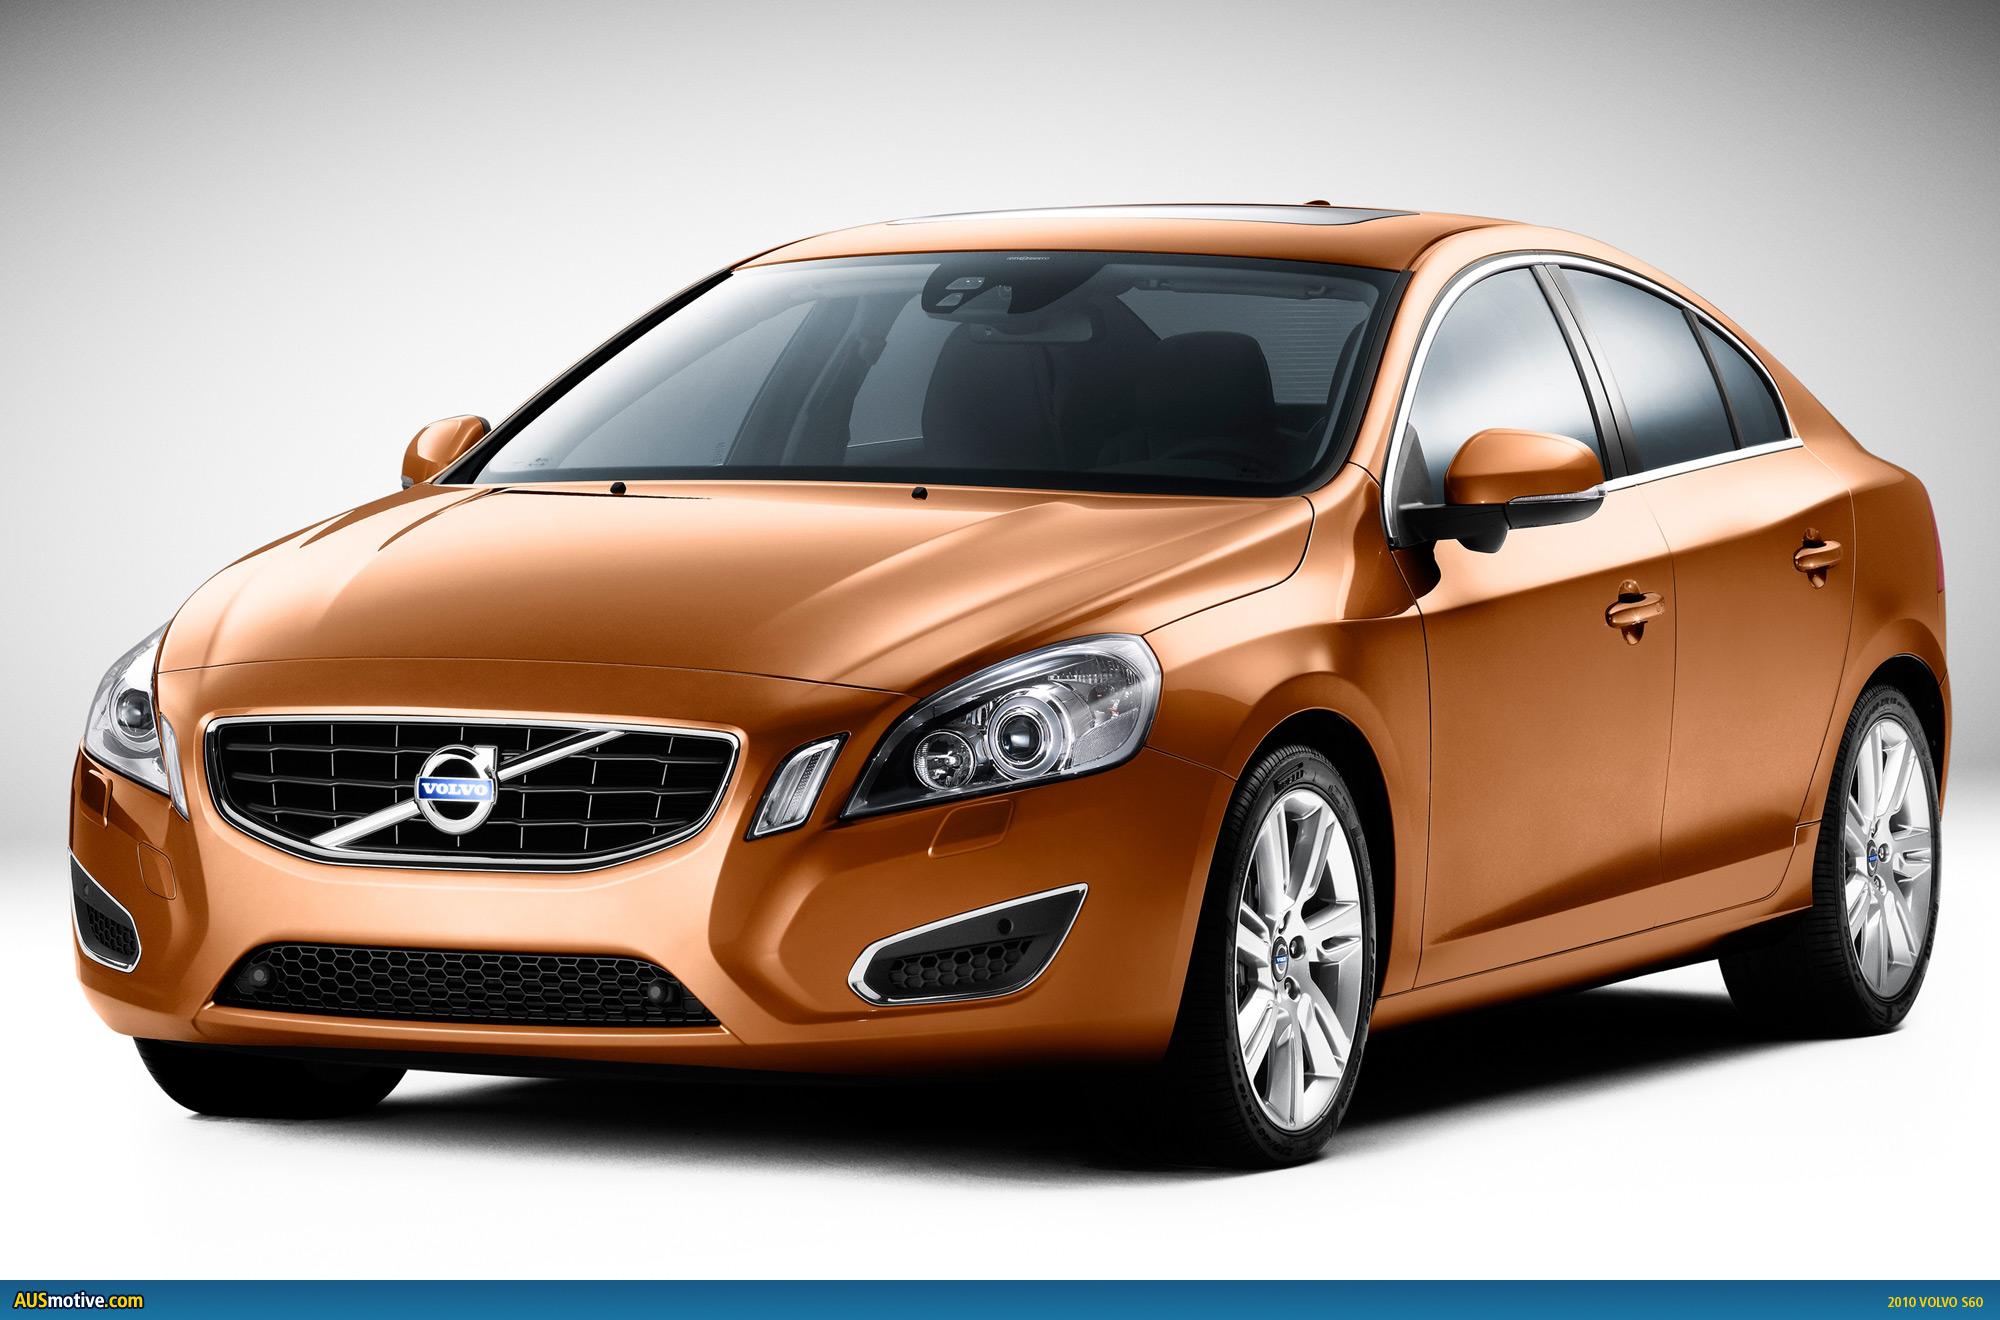 AUSmotive.com » VIDEO: 2010 Volvo S60